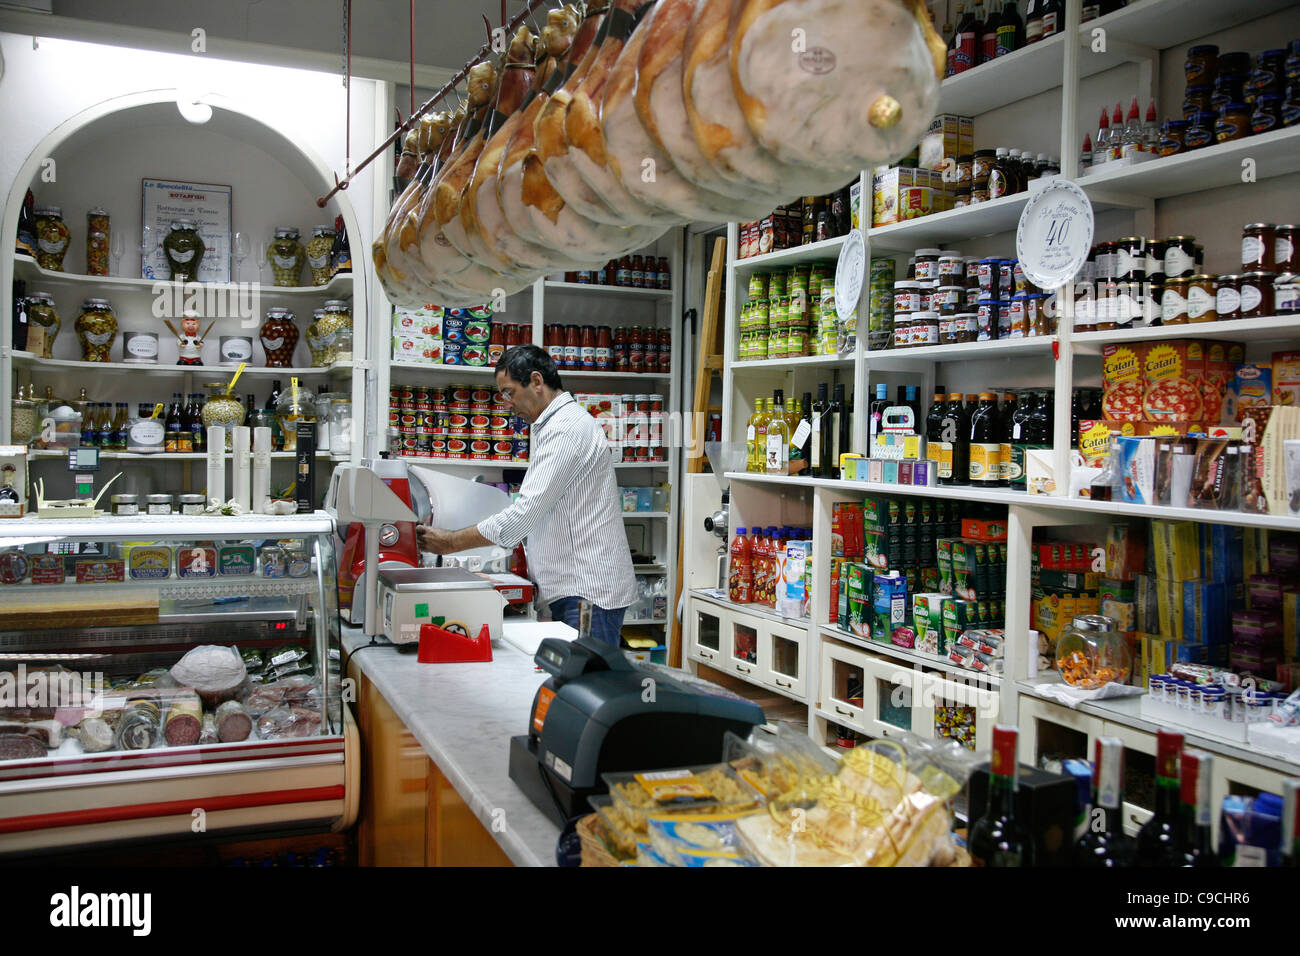 Mizo Lebensmittelgeschäft, La Maddalena, Sardinien, Italien. Stockbild